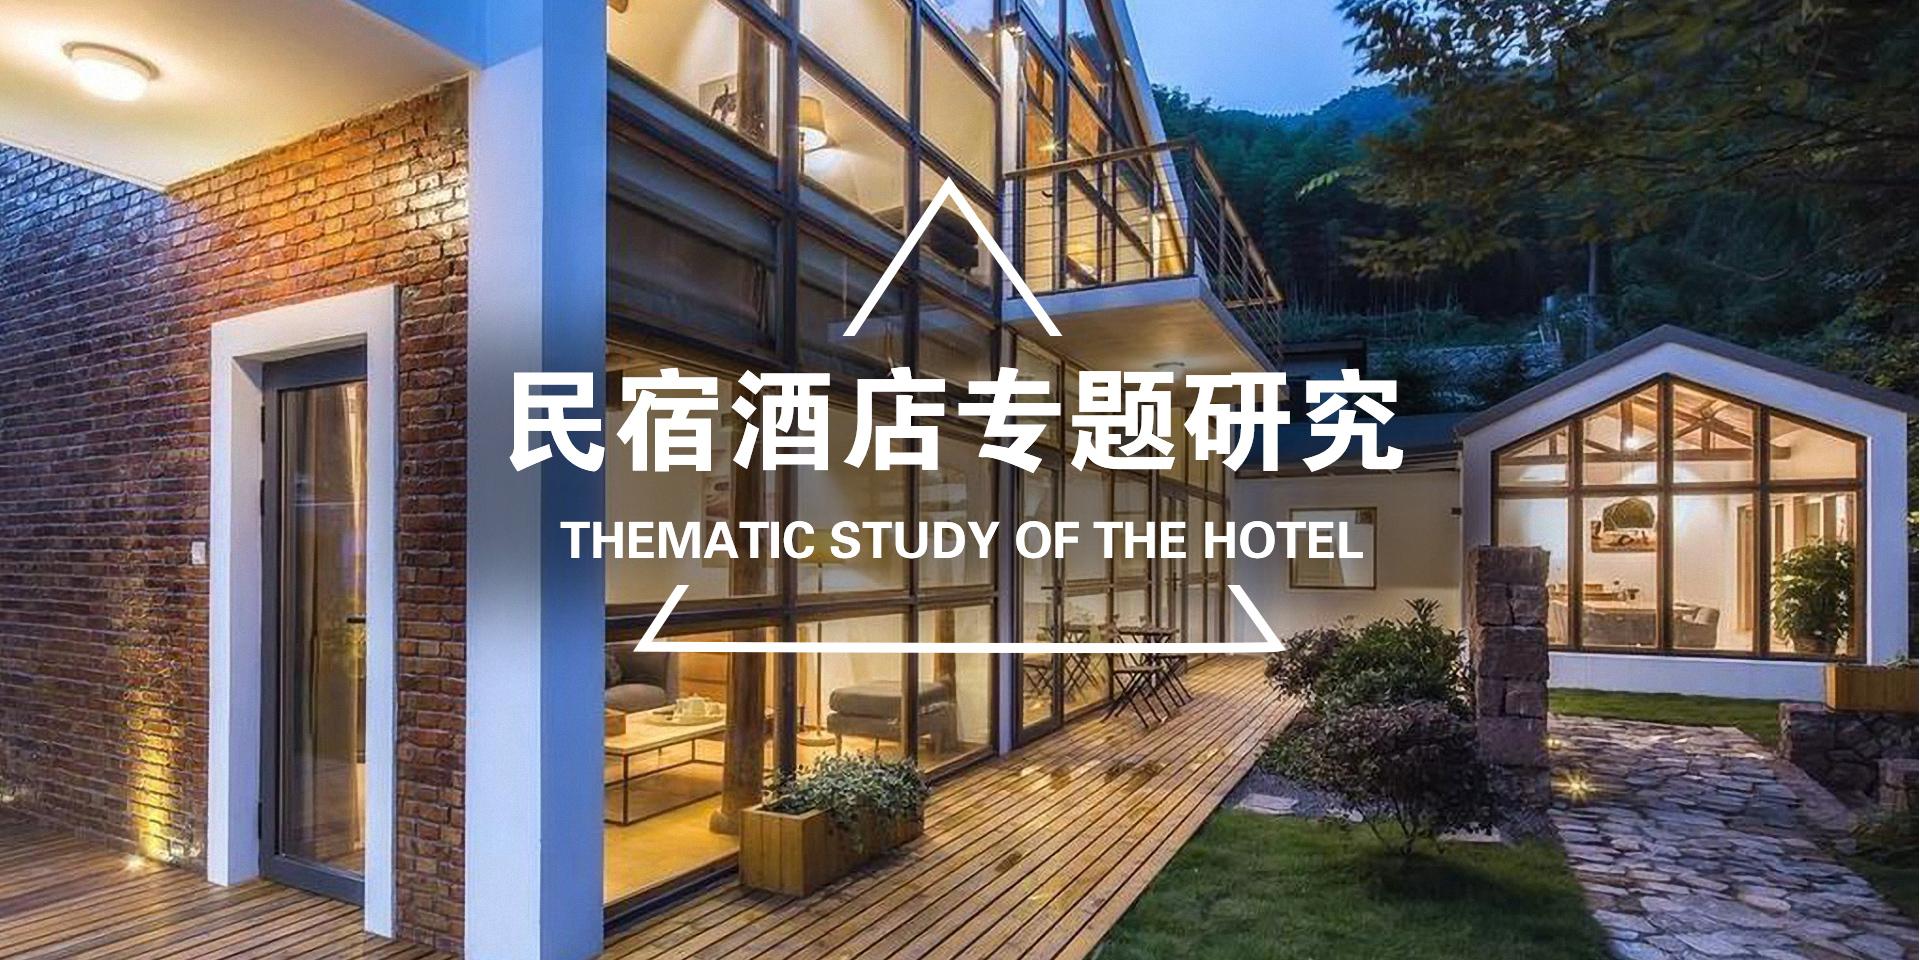 民宿酒店专题研究